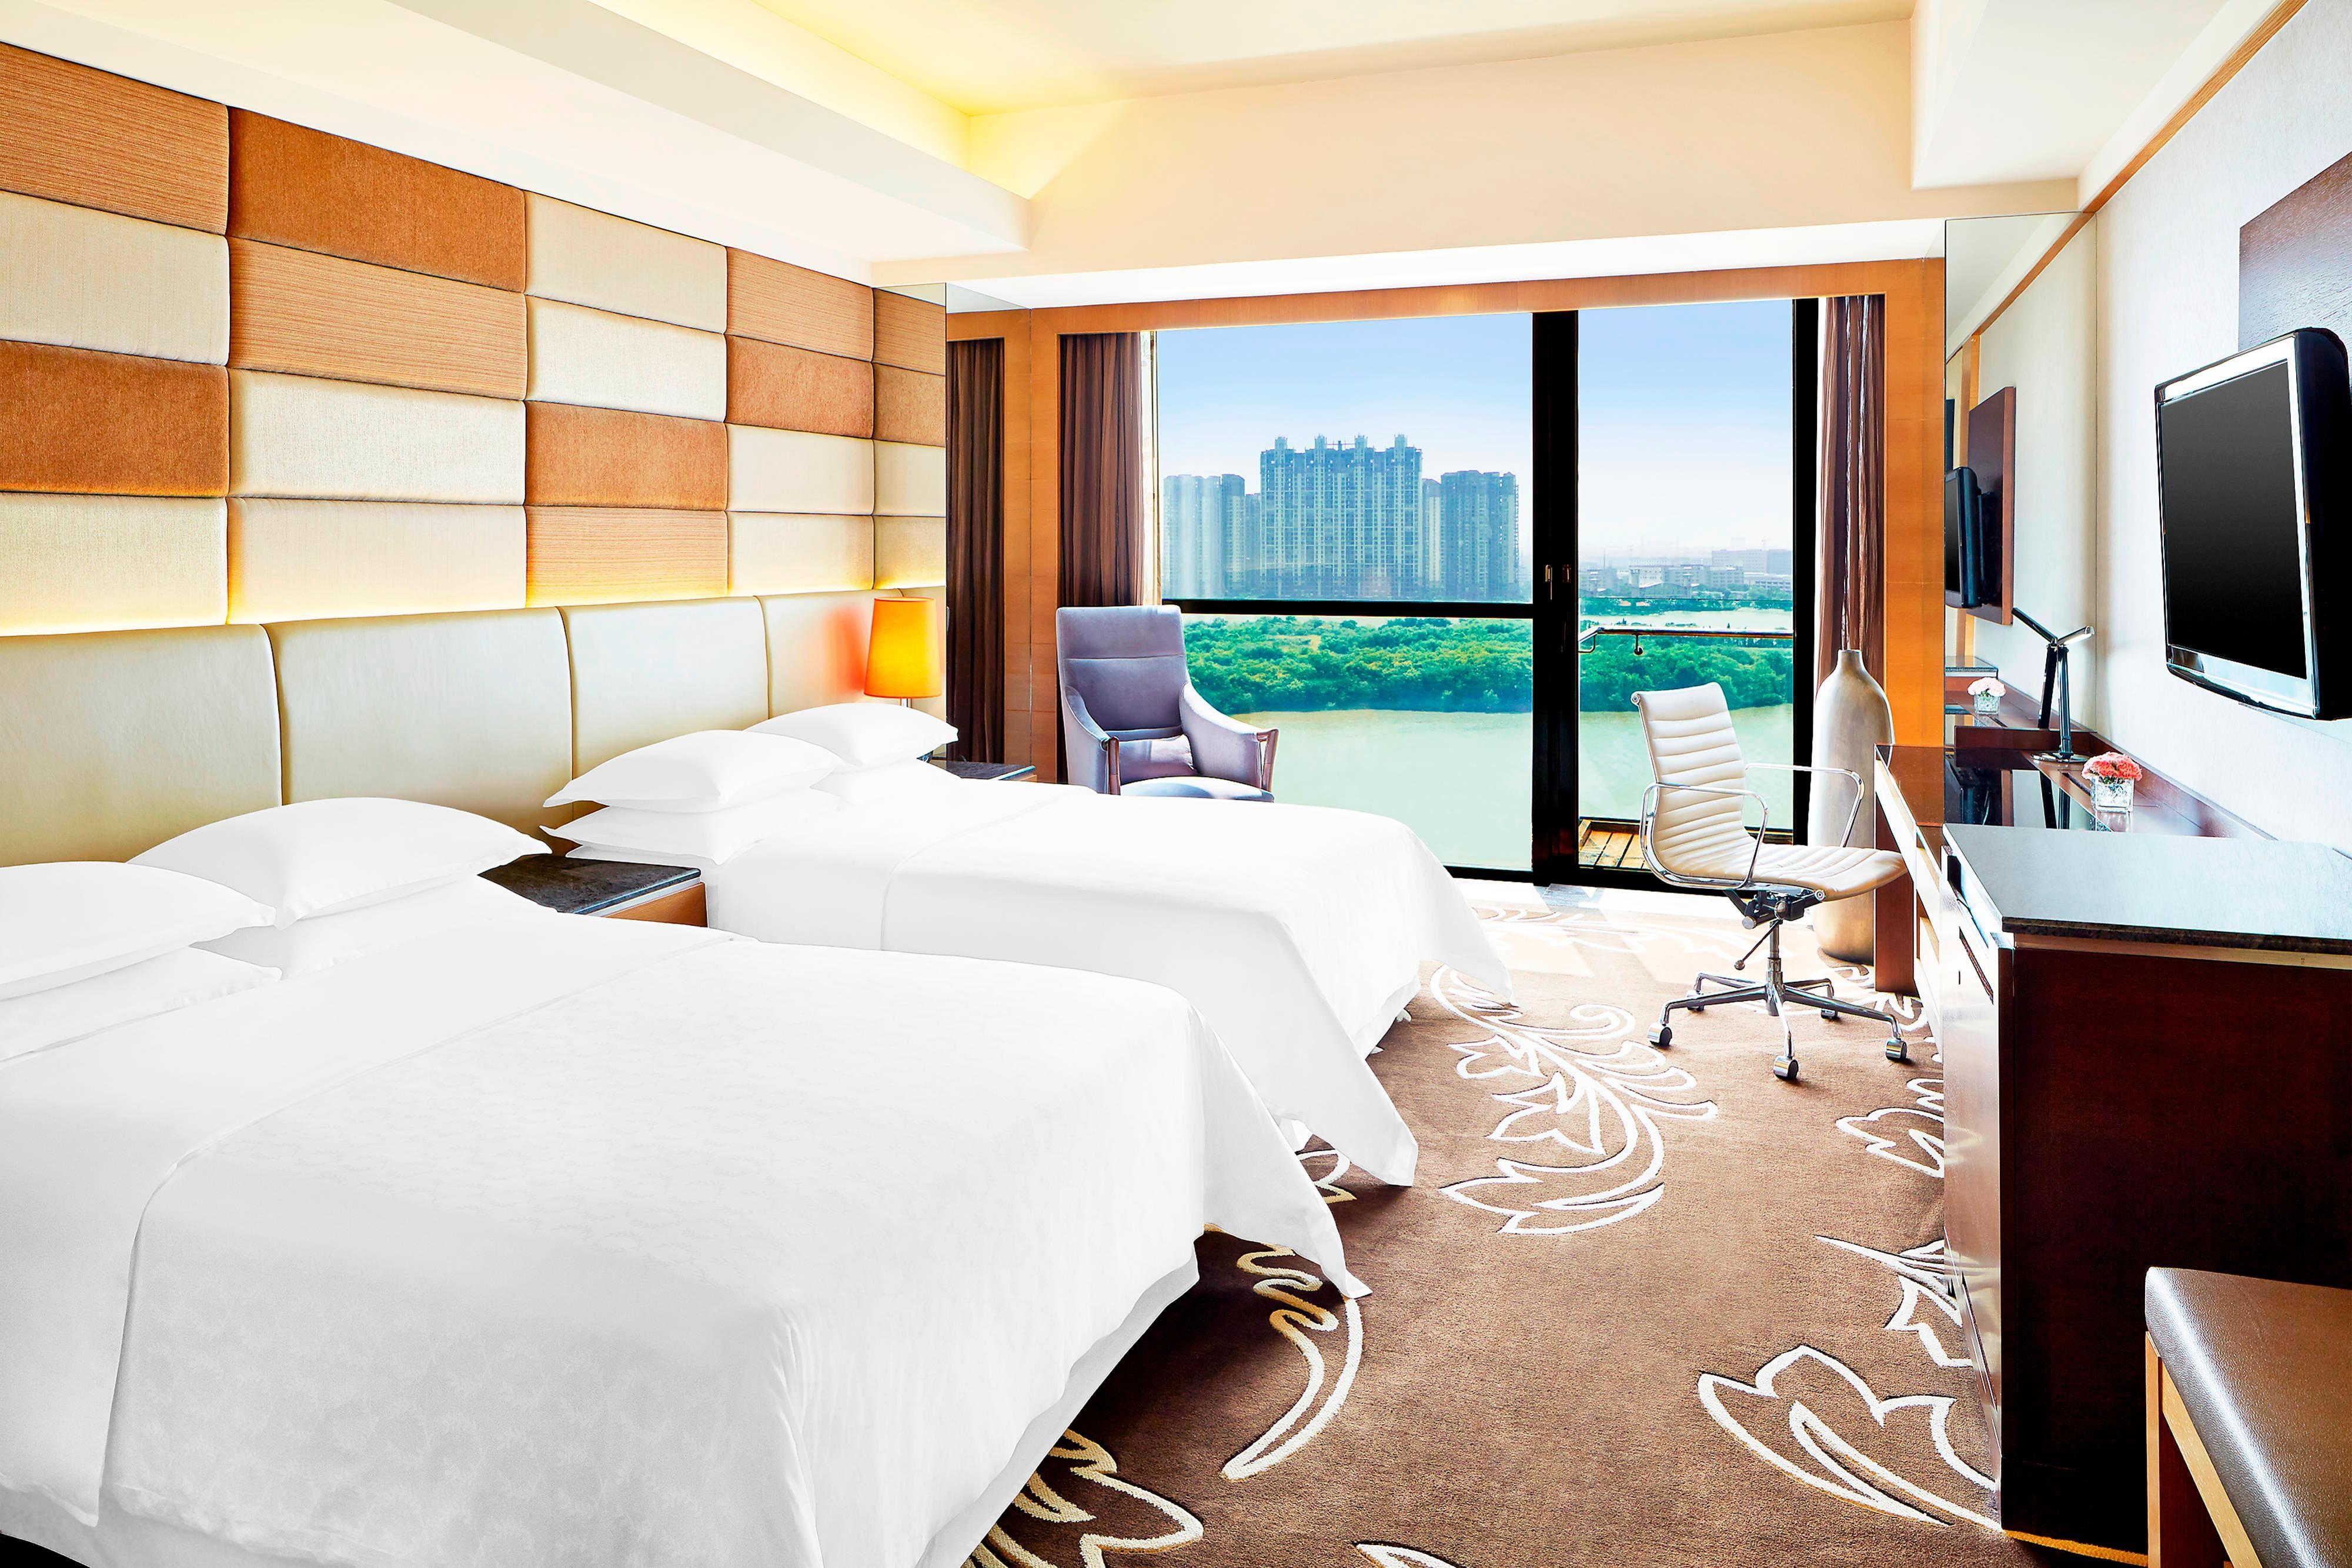 SSH Deluxe Zimmer mit zwei Einzelbetten und Blick auf den Fluss